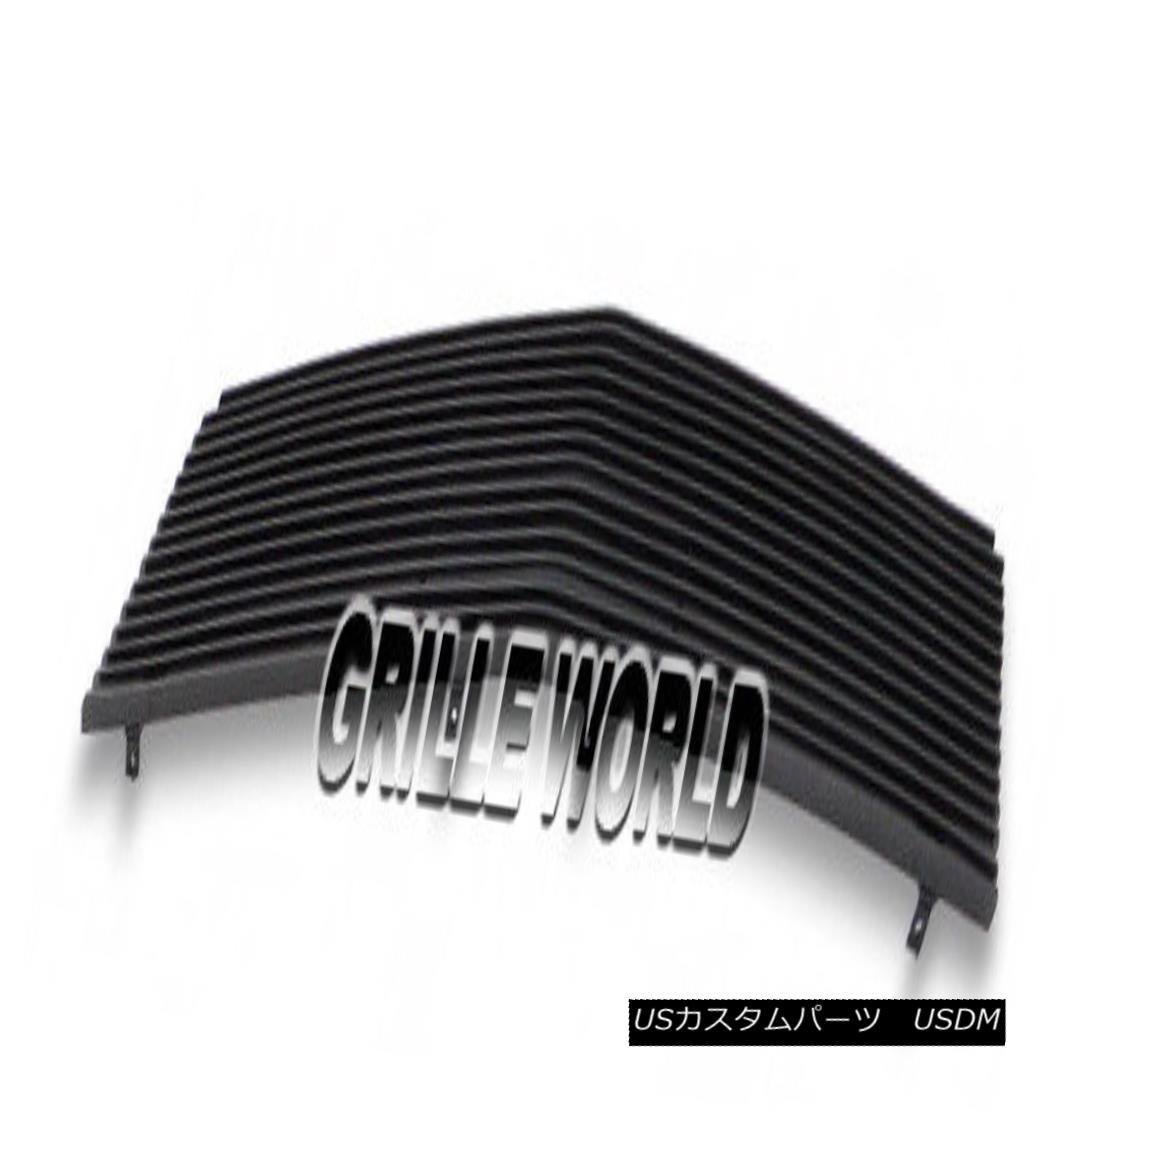 グリル For 1986-1990 Chevy Caprice Black Billet Premium Grille Grill Insert 1986-1990 Chevy Caprice Black Billetプレミアムグリルグリルインサート